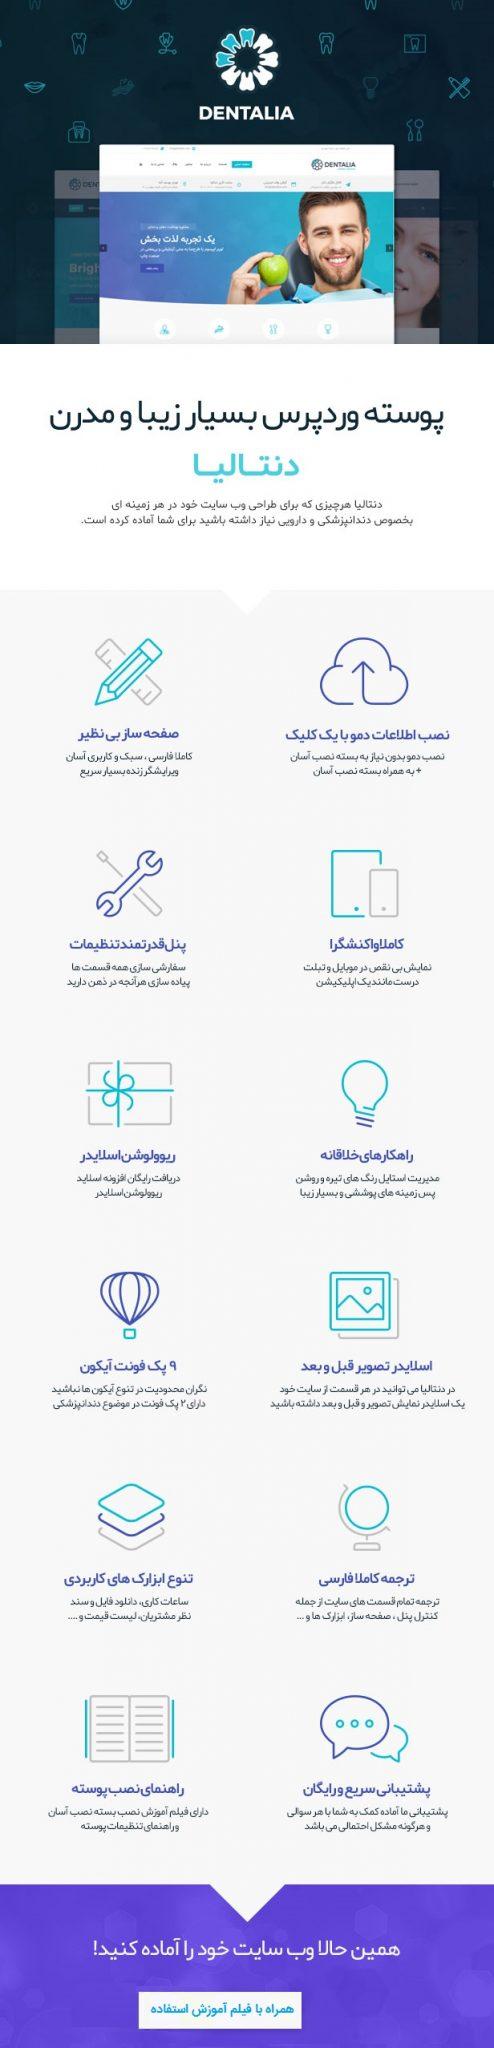 ویژگی های قالب پزشکی Dentalia